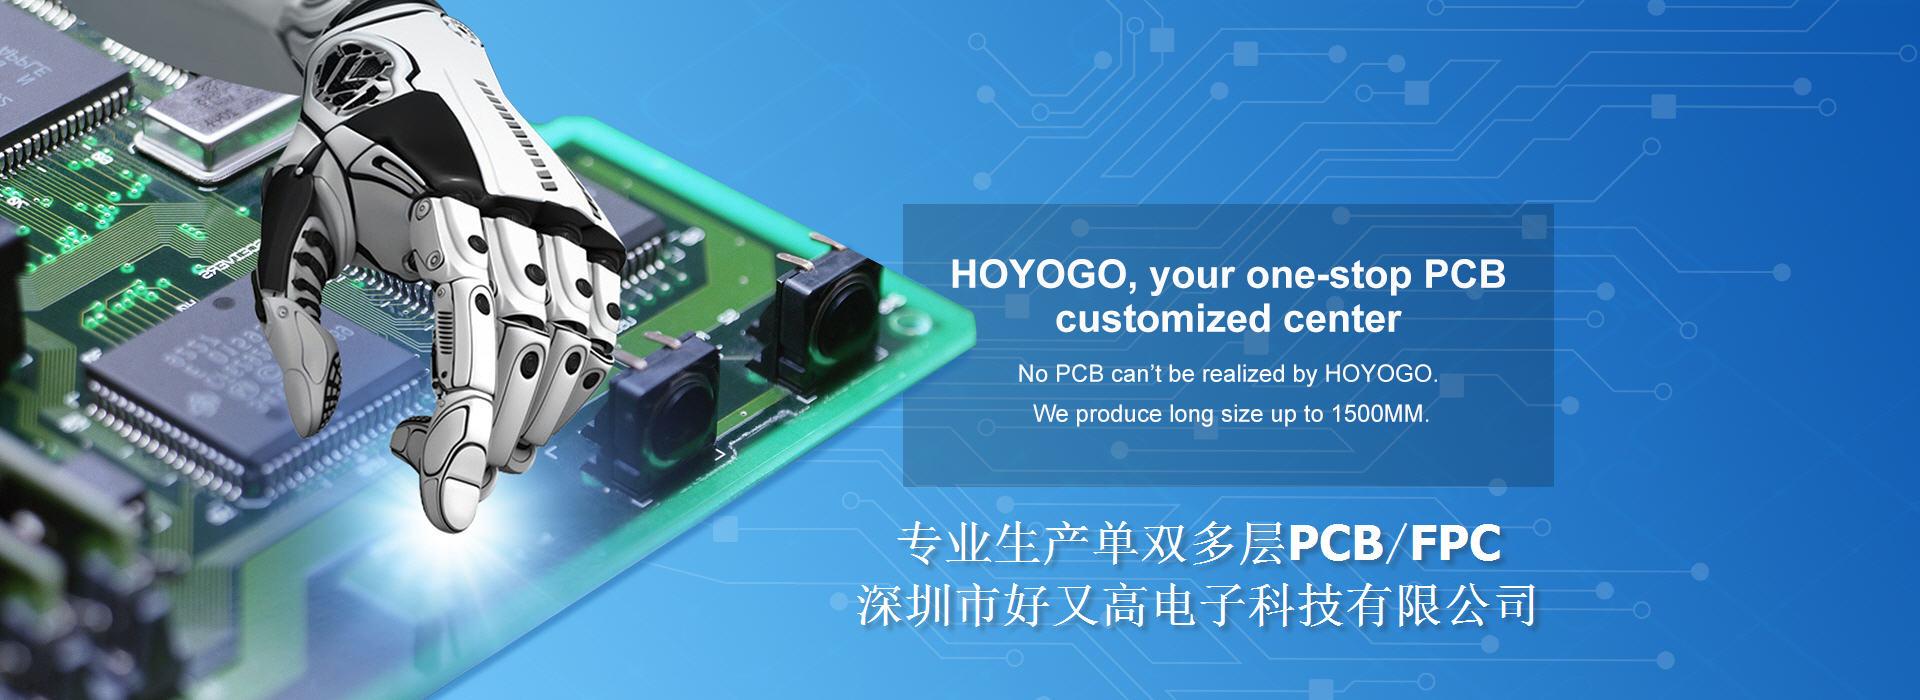 HOYOGO PCB